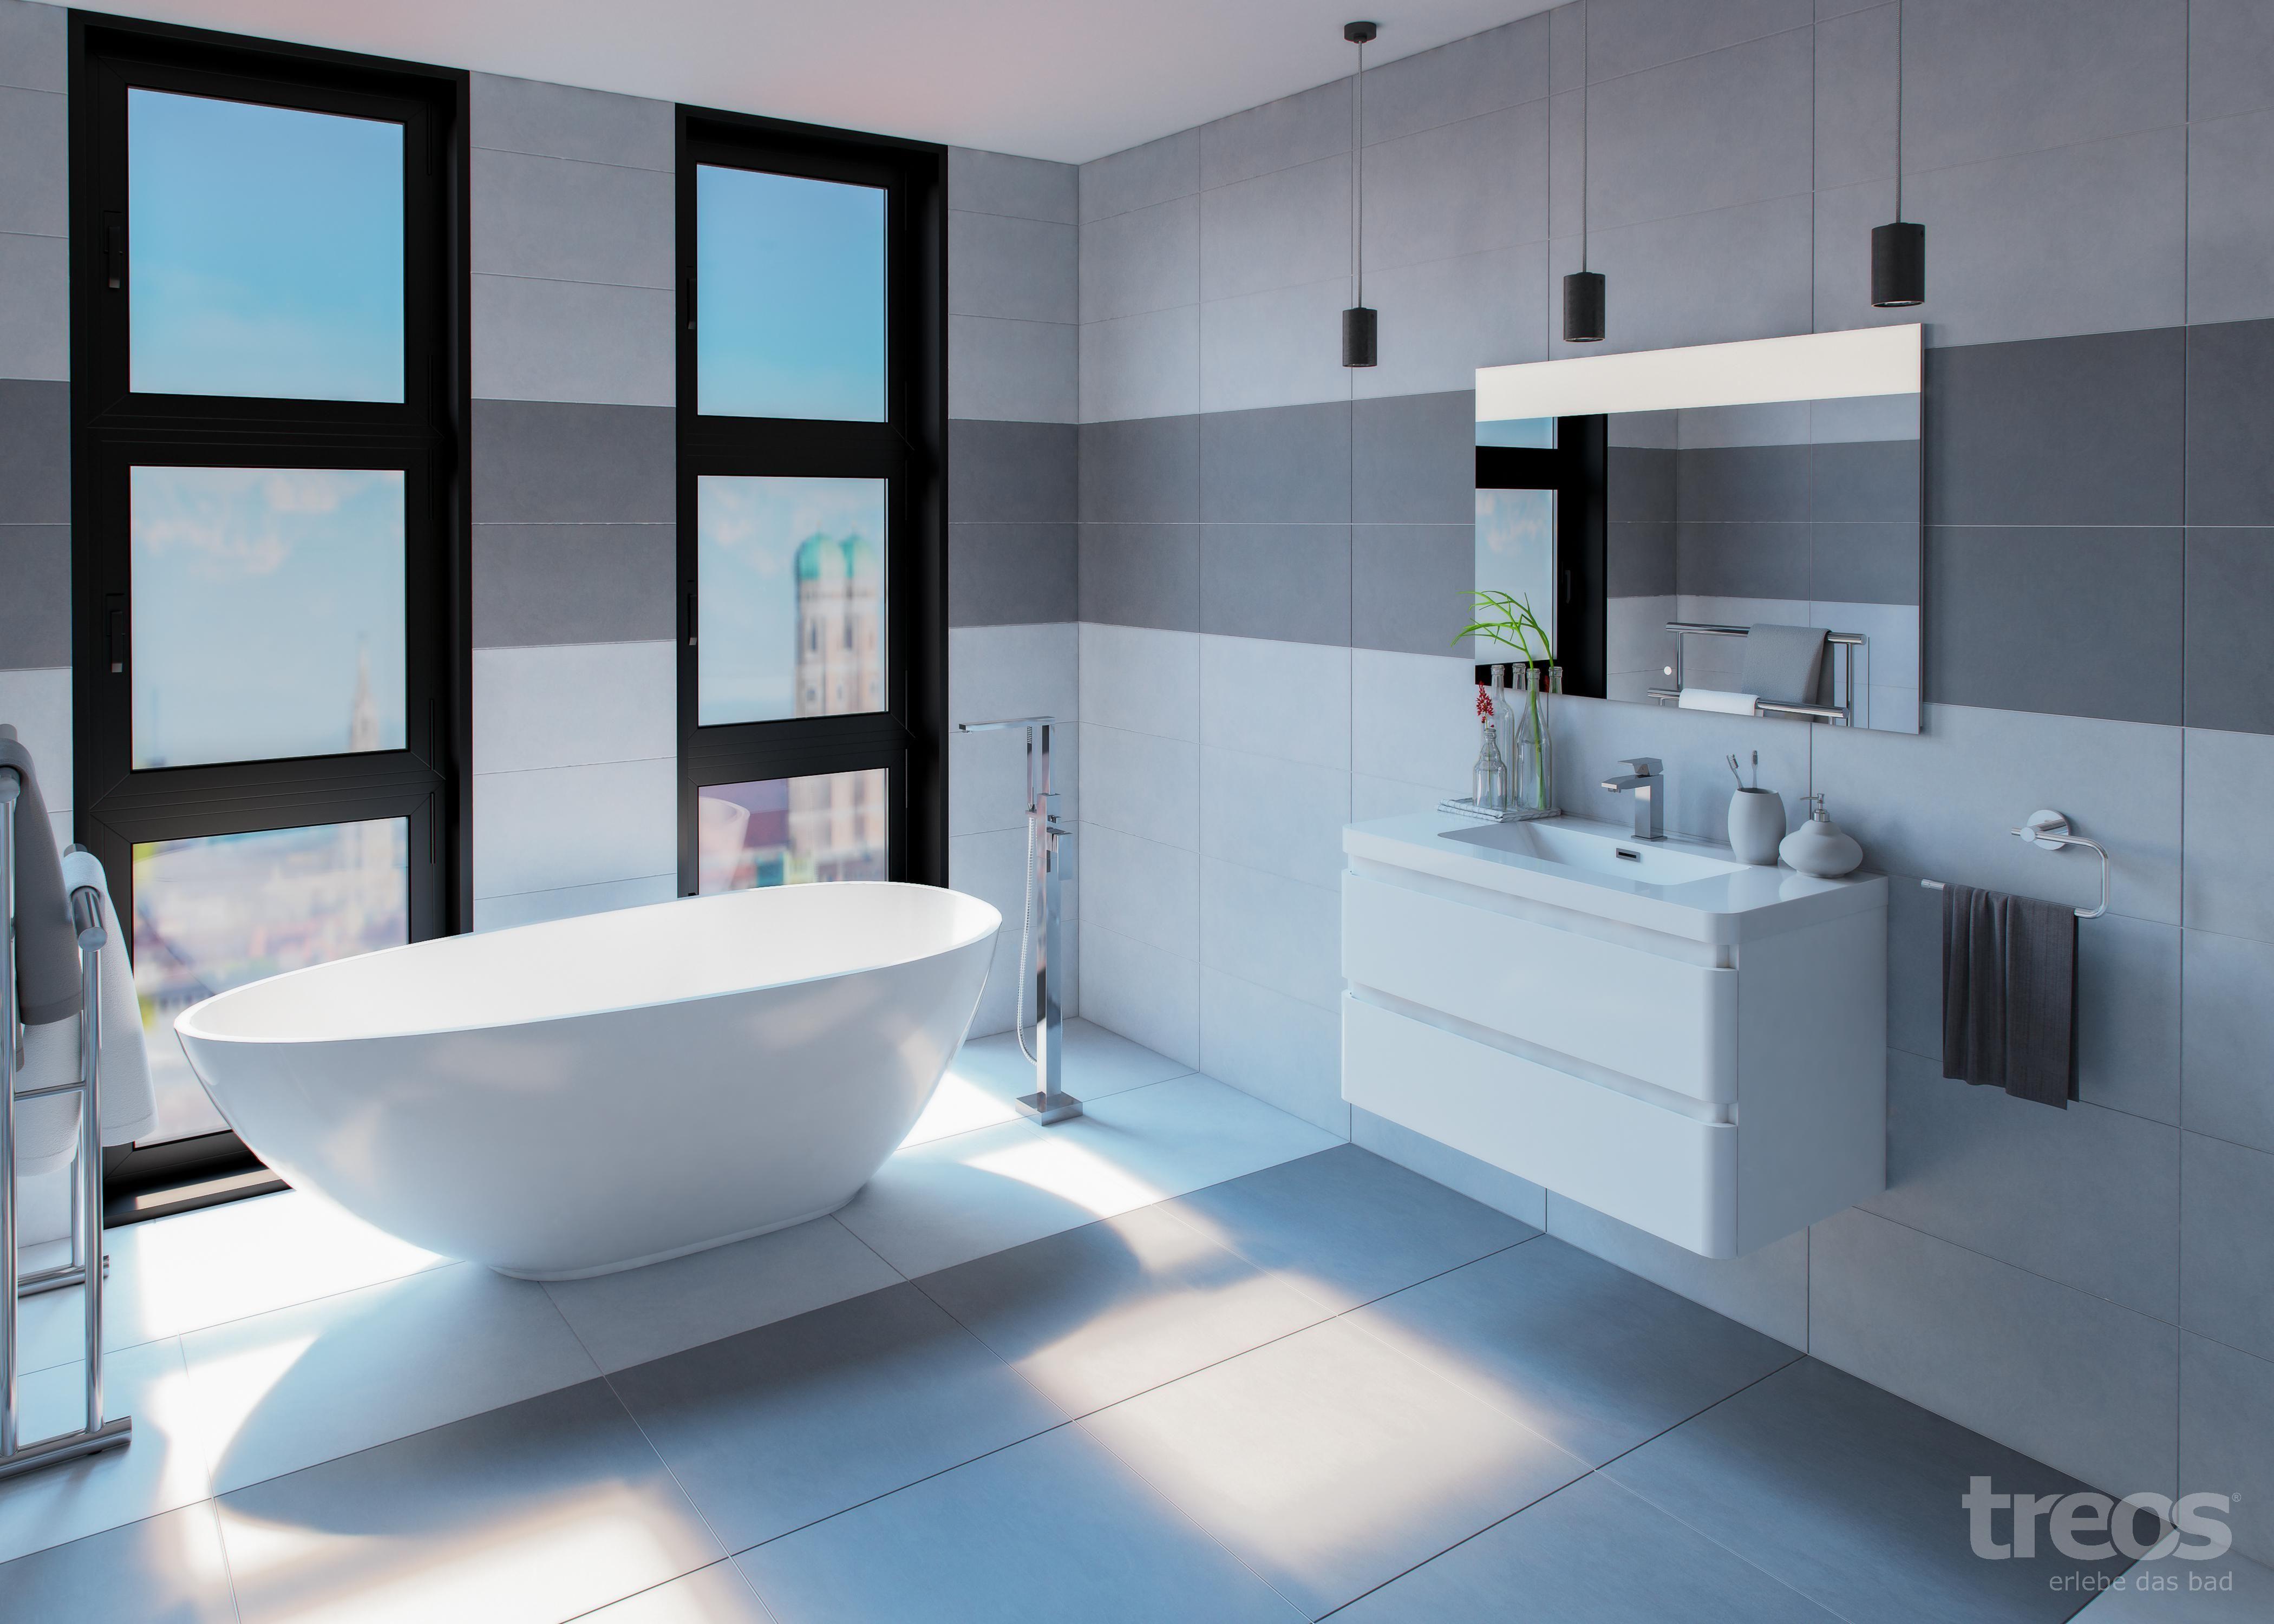 Finde Jetzt Dein Traumbad Wertvolle Tipps Von Der Planung Bis Zur Umsetzung Grosse Badezimmer Badewanne Und Bad